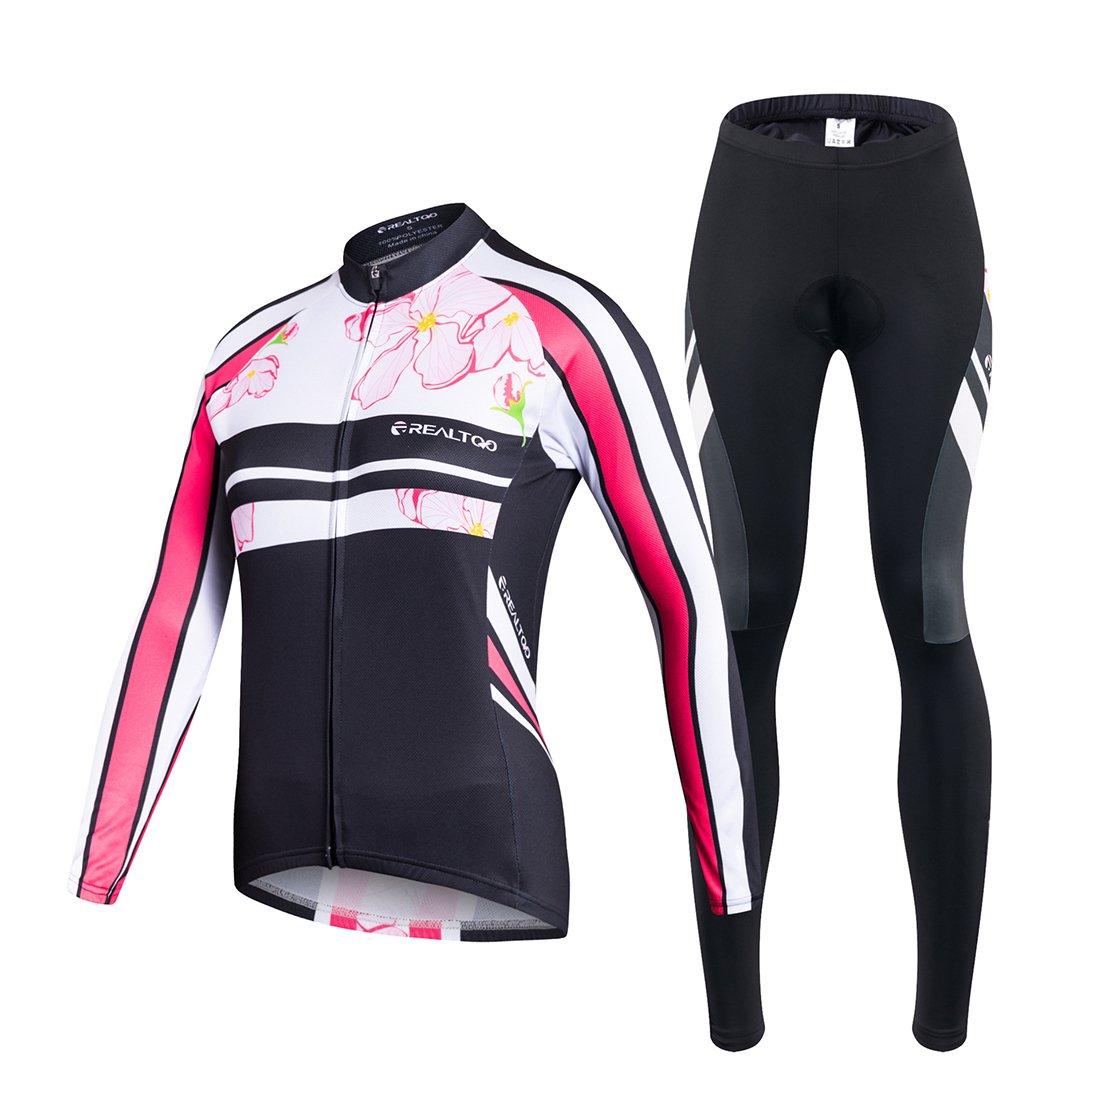 GWELL Radtrikot Damen Set Fahrradbekleidung Frühling Herbst Fahrradtrikot Langarm und Radhose mit 3D Sitzpolster Rosa